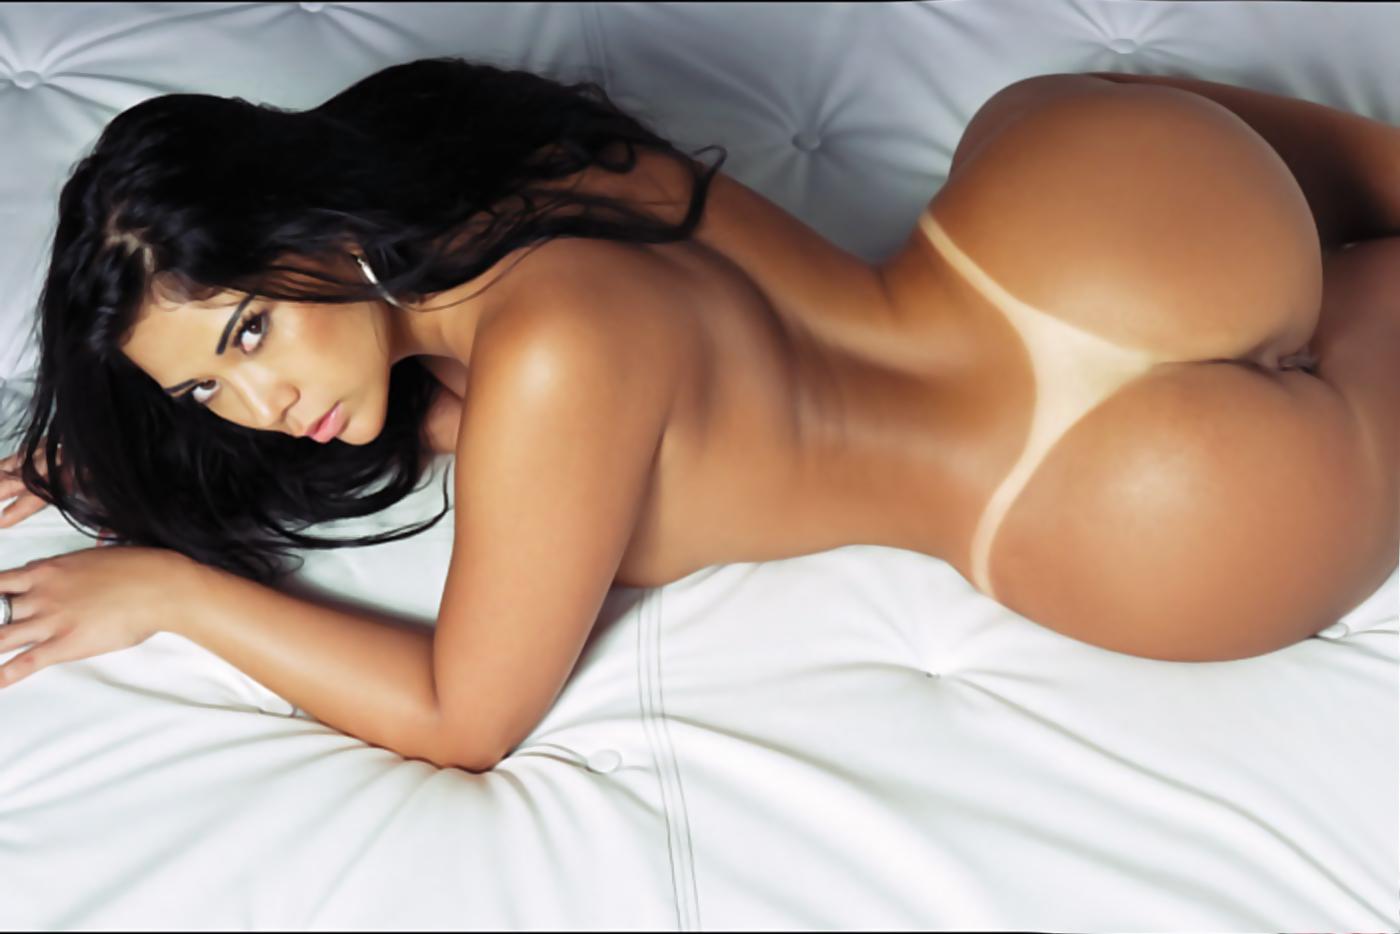 Секс бедра широкие фото большие 10 фотография